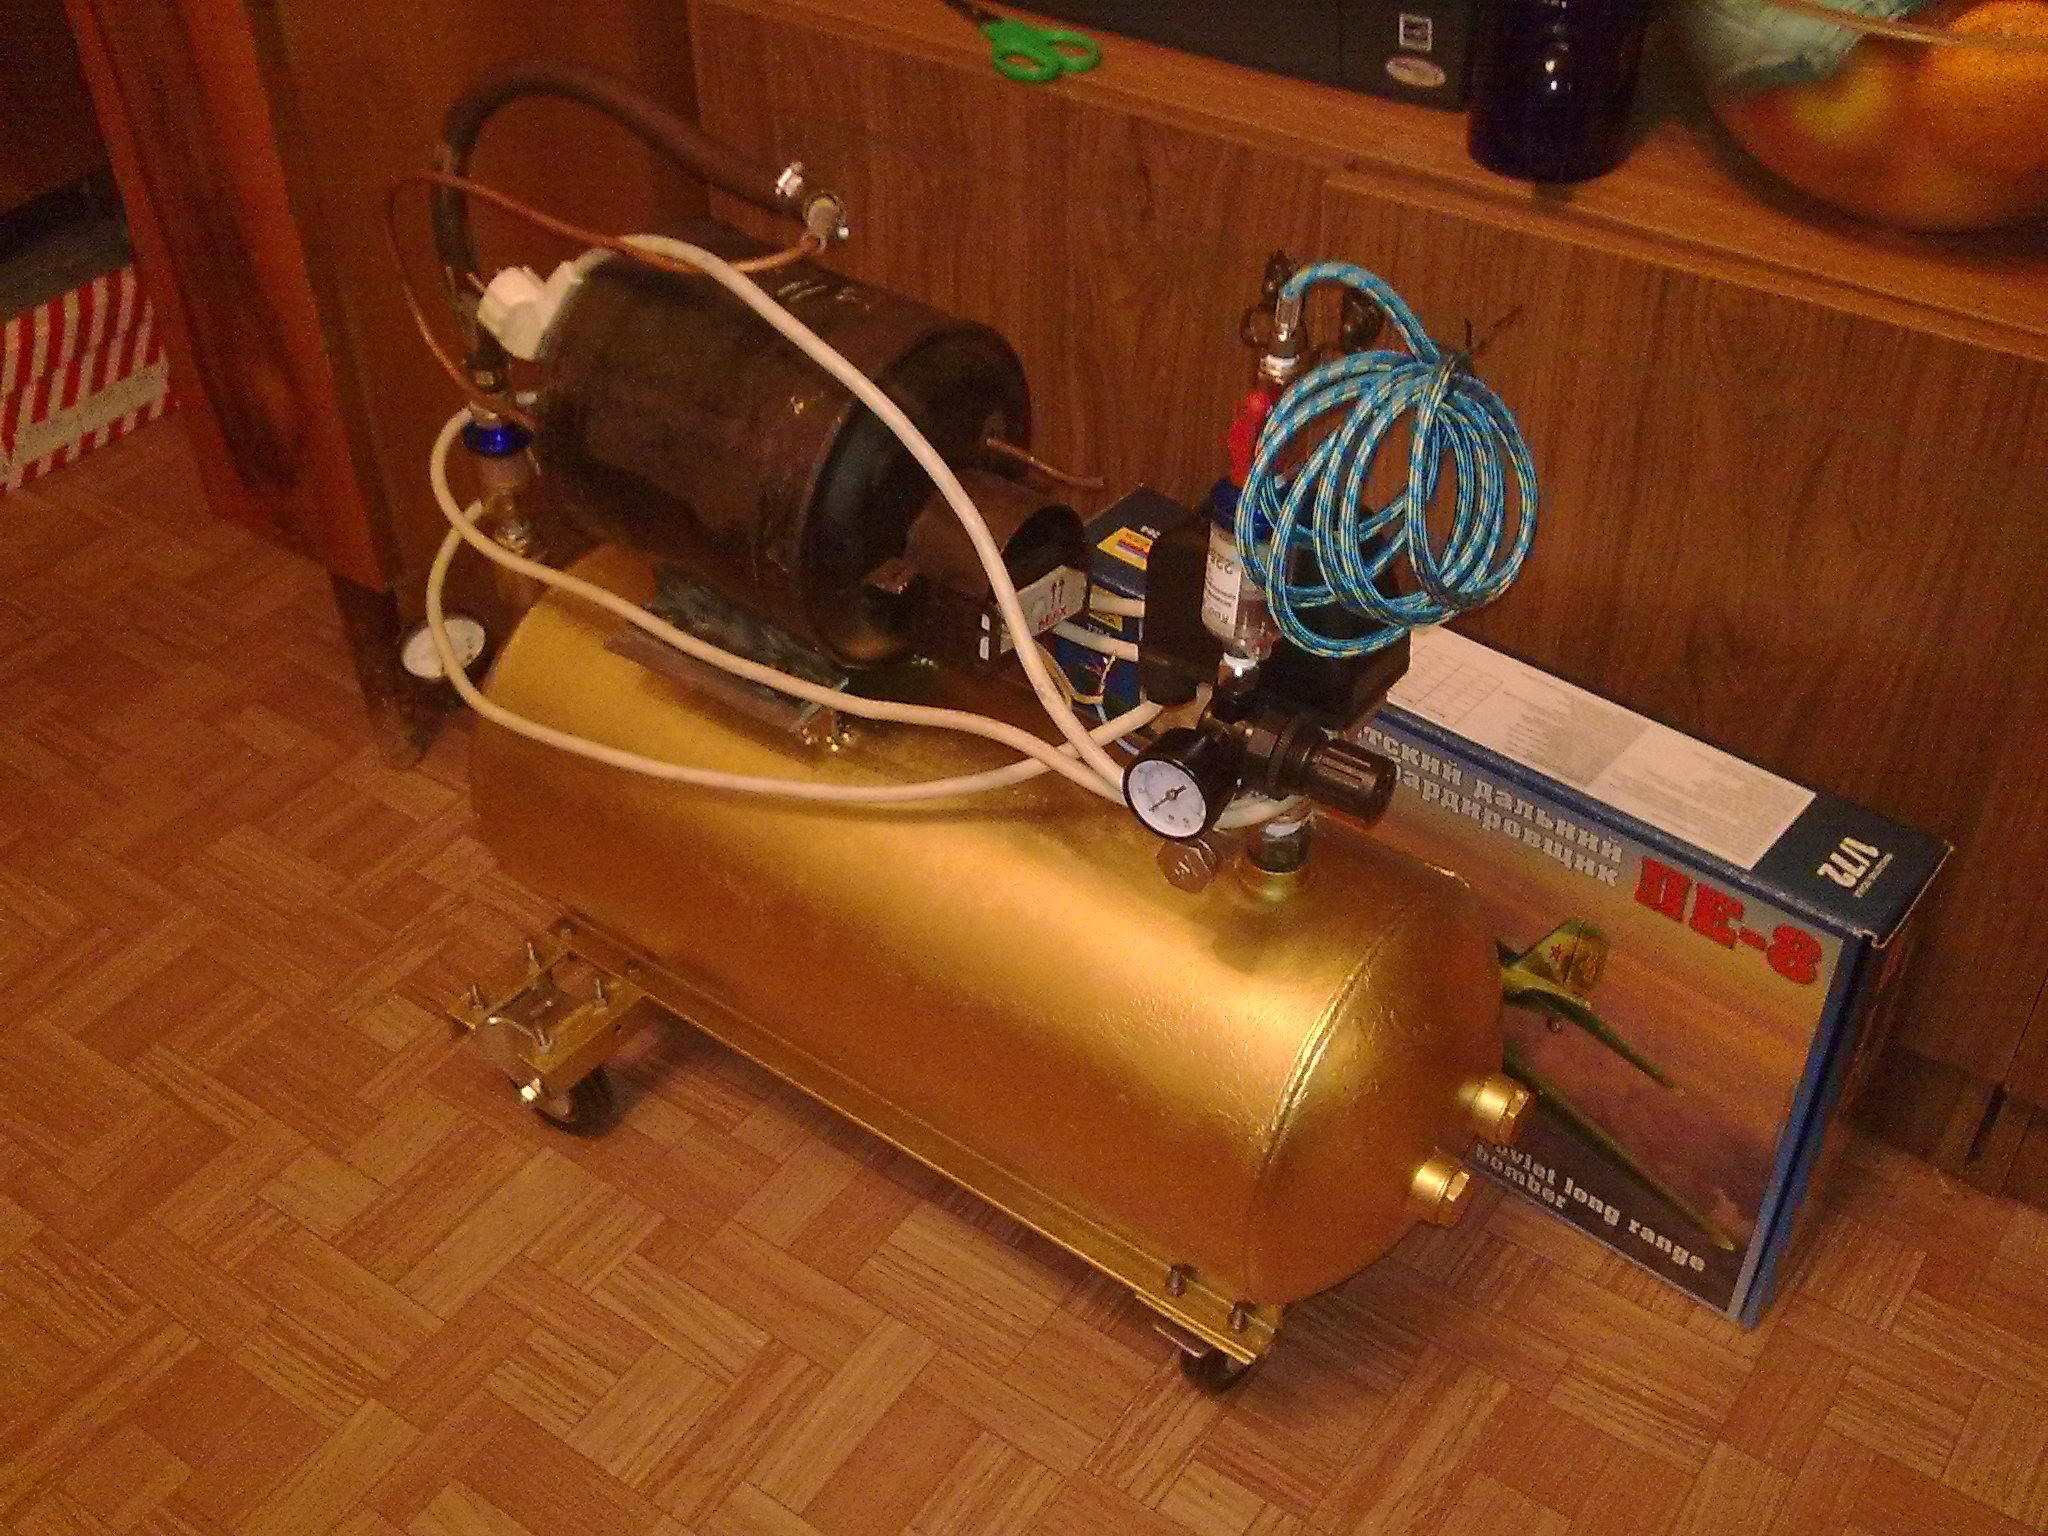 Бытовой компрессор для дачи и покраски / Сайт фотографий